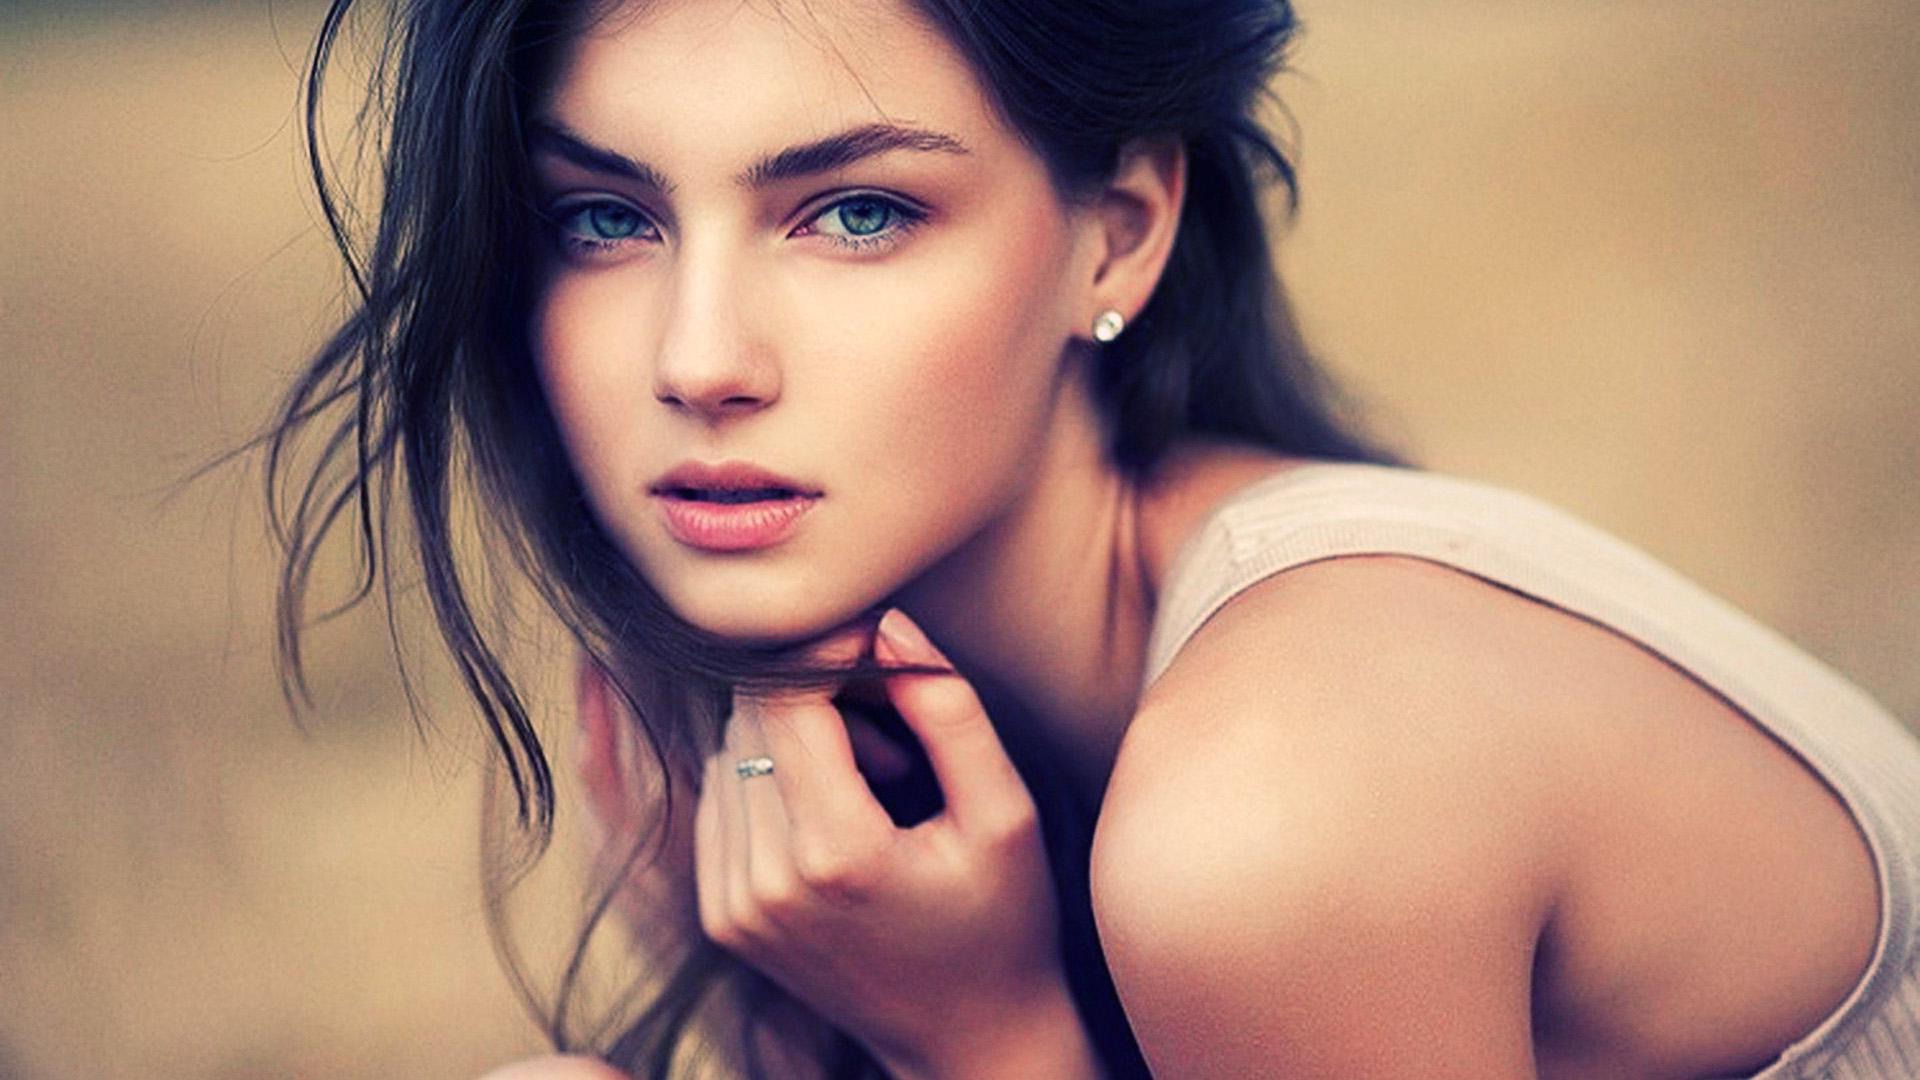 Cute Girl 1 - Imgur